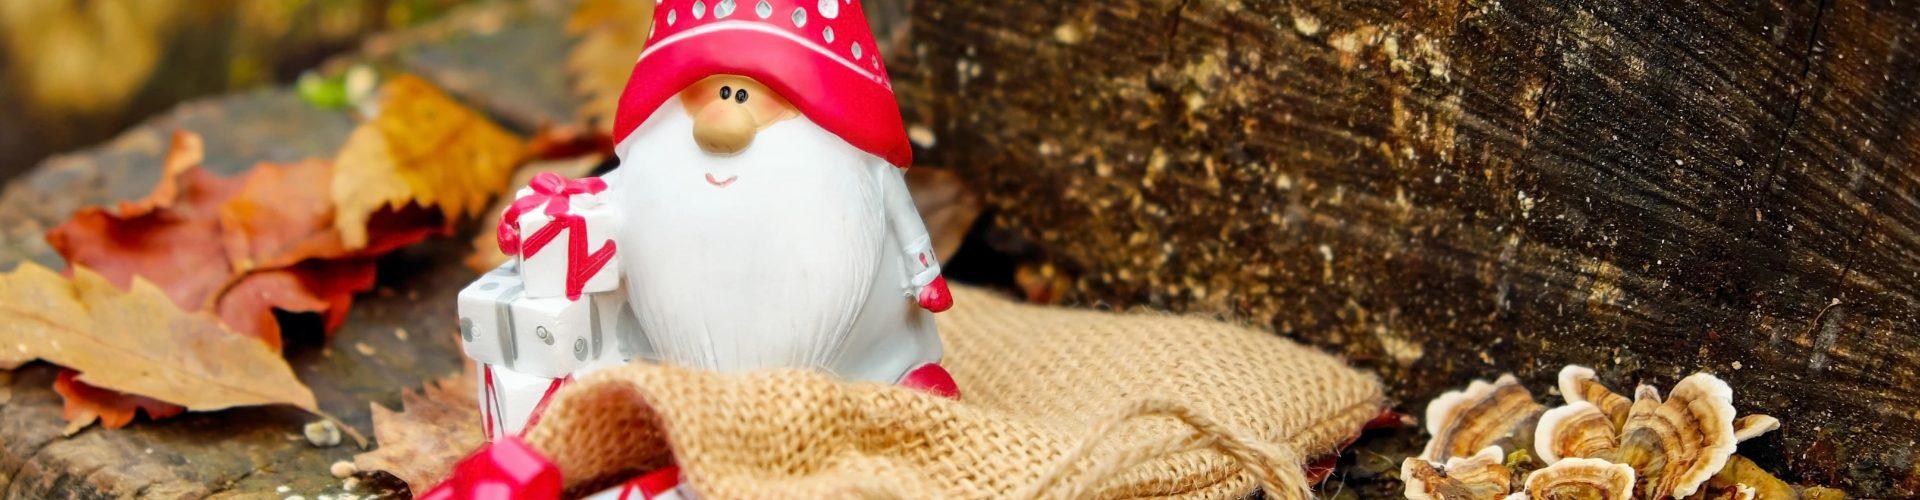 Come scegliere il regalo giusto per Natale: 5 consigli utili